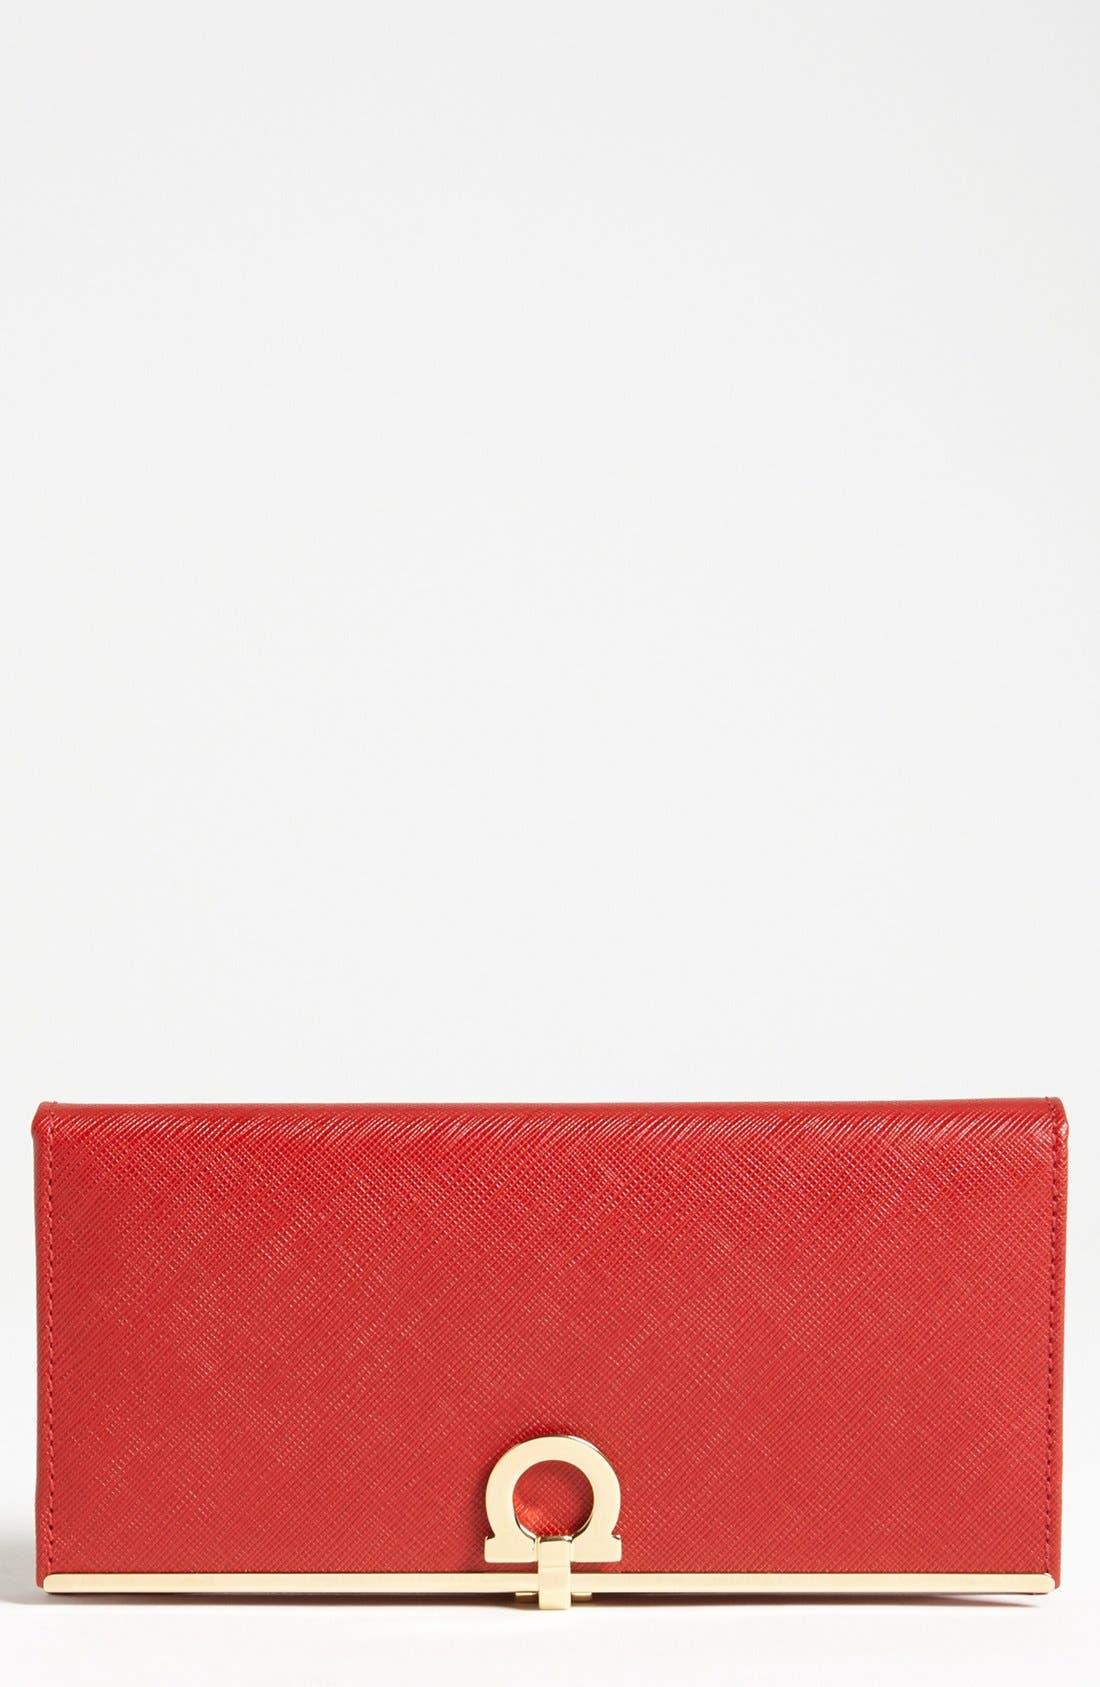 Main Image - Salvatore Ferragamo Saffiano Leather Wallet